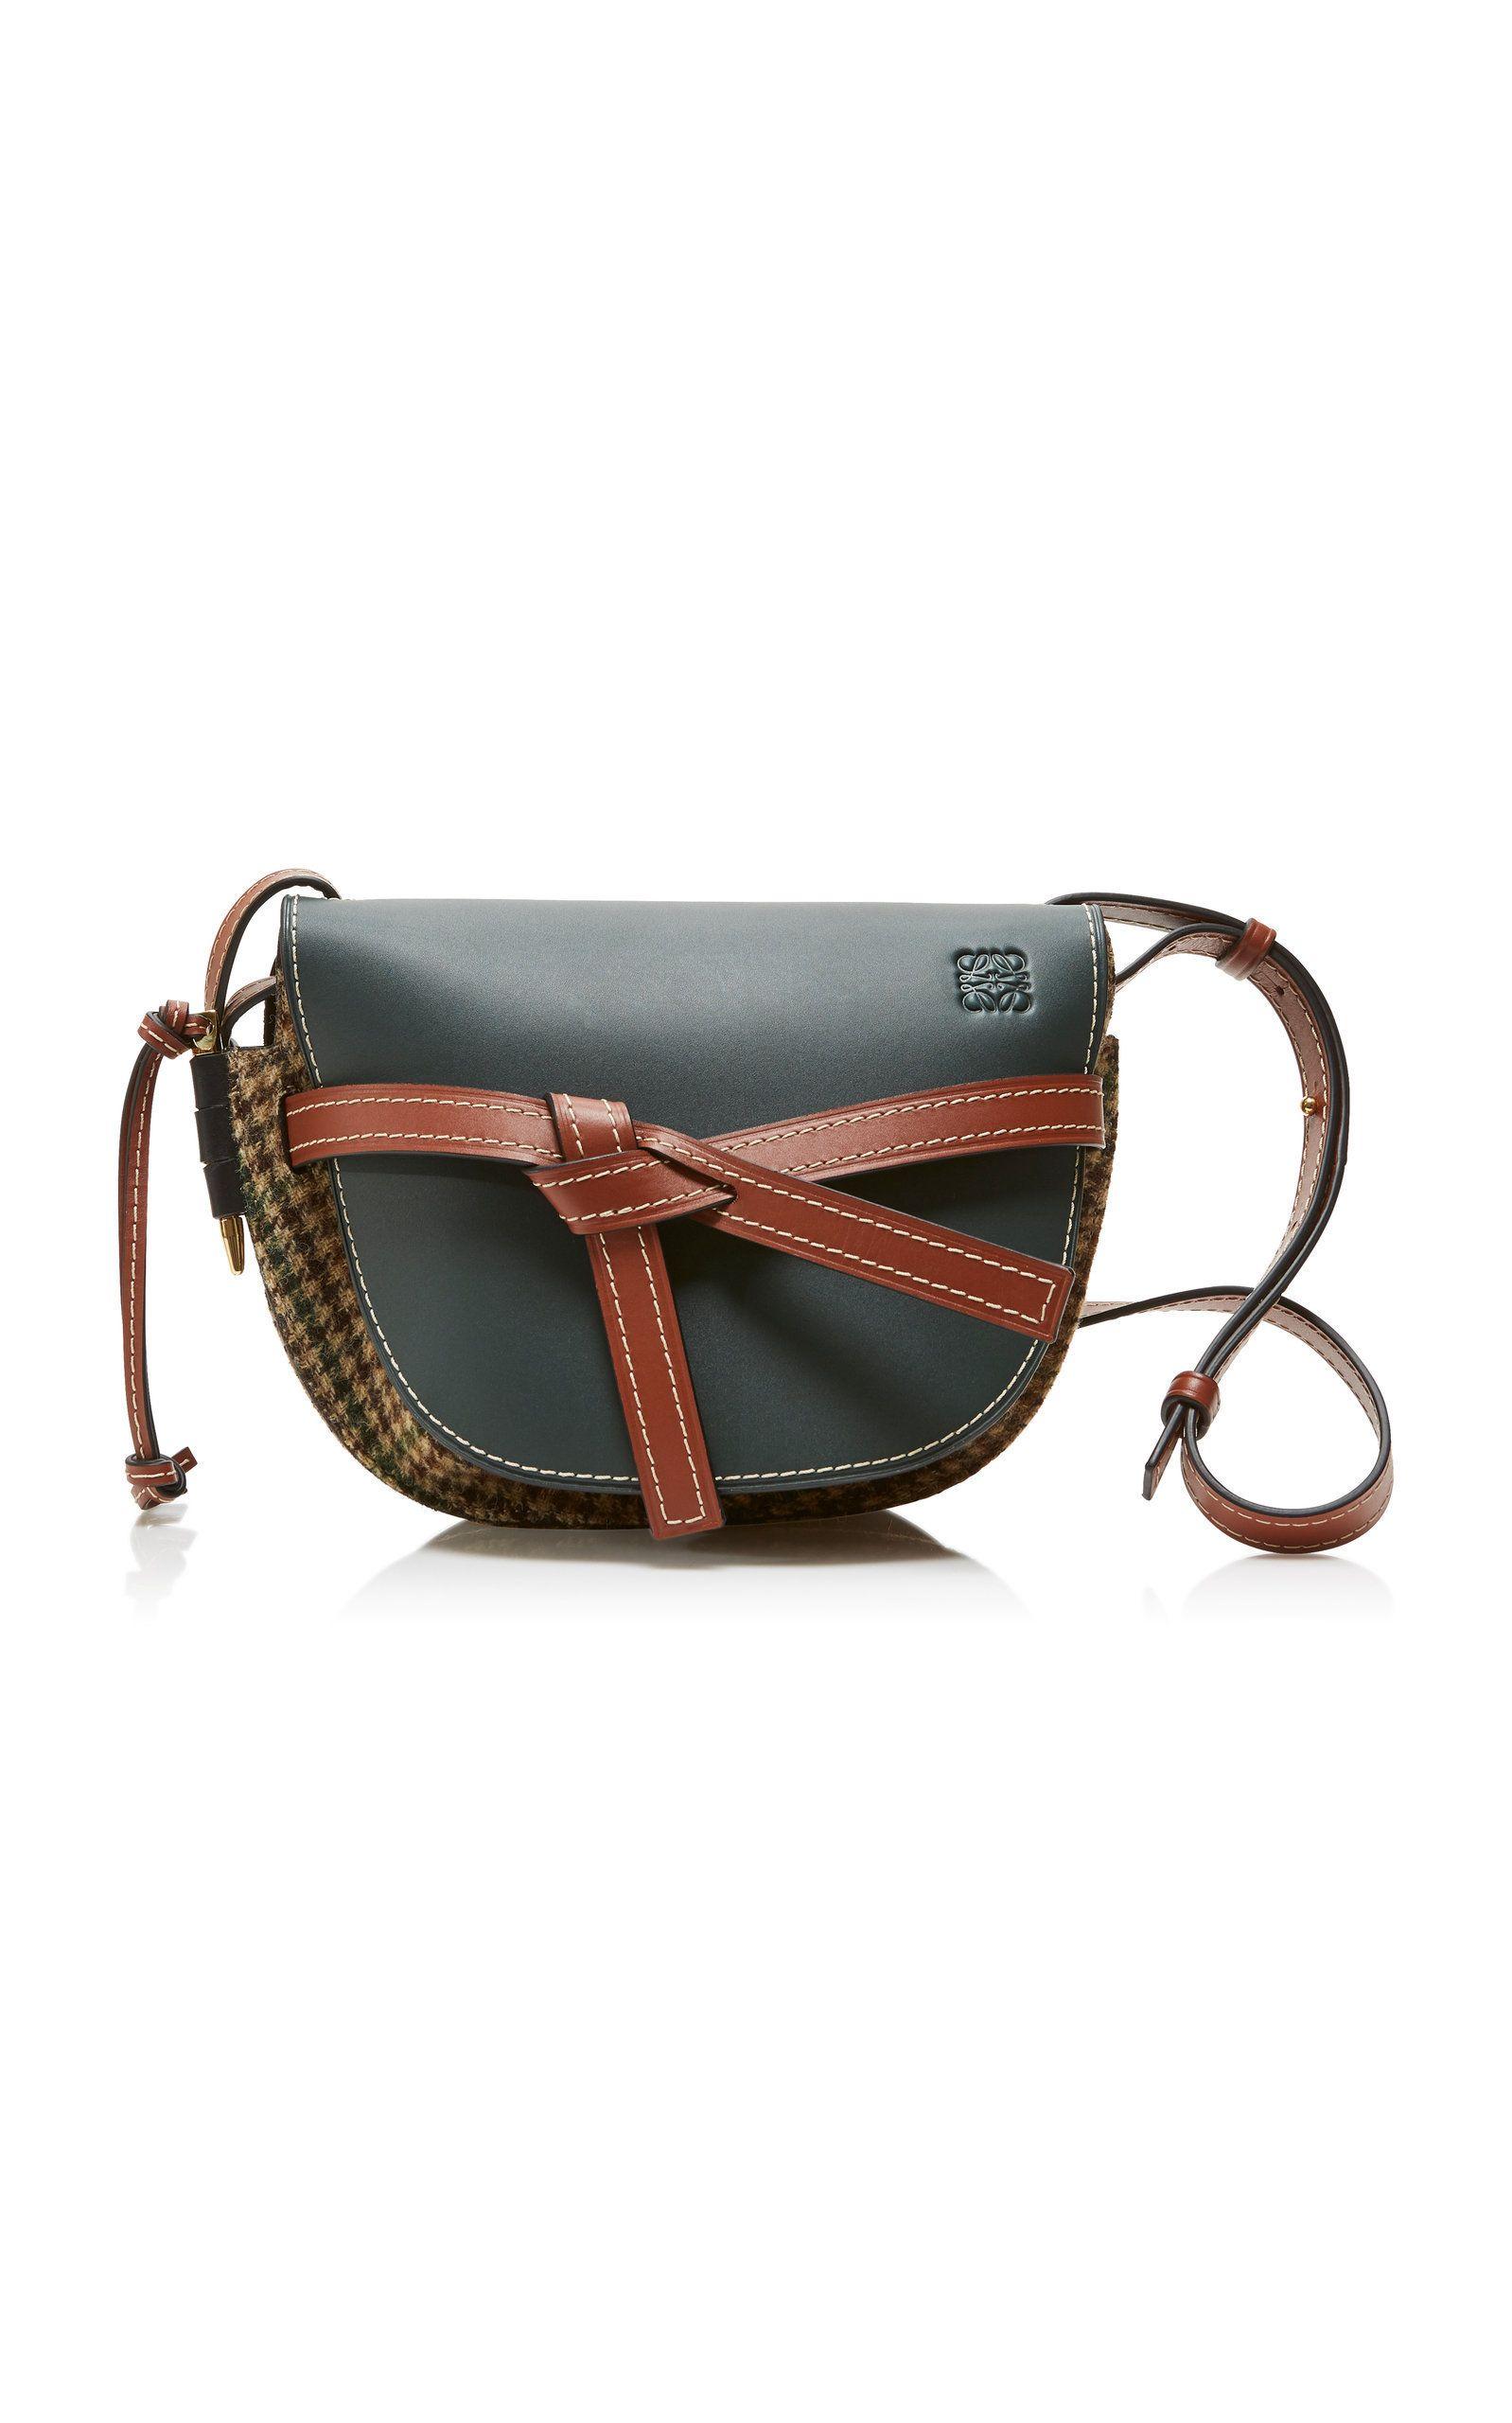 ad0e9c4dddc2 Loewe Gate Tweed Small Bag  1